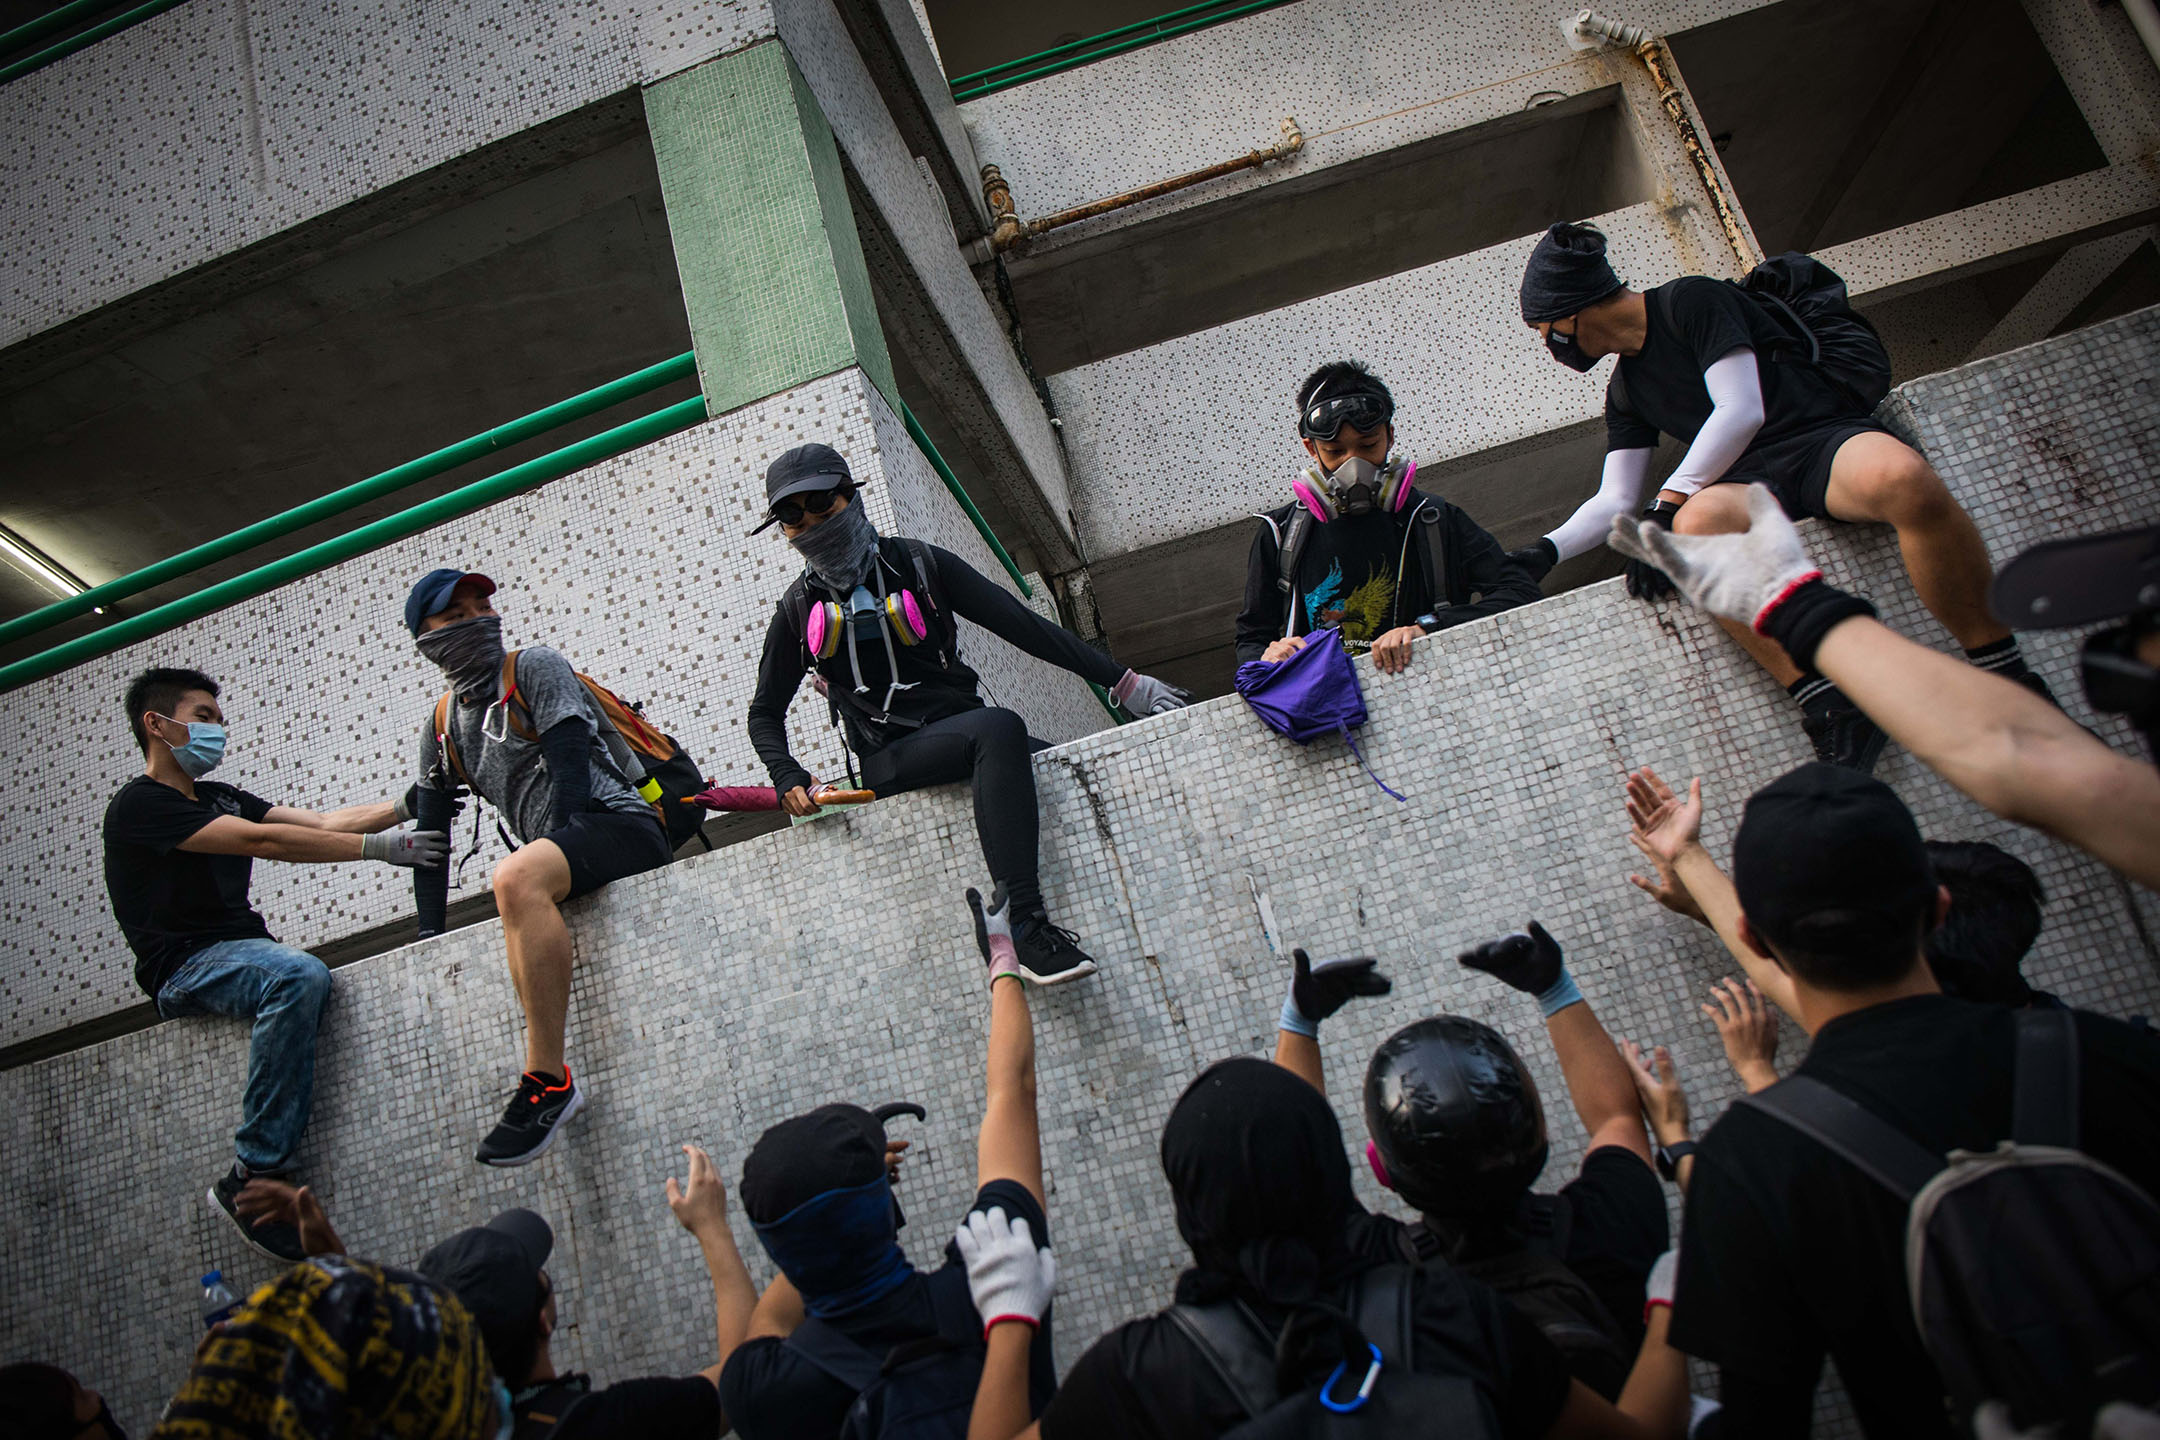 2019年9月21日,被警察追捕的示威者。